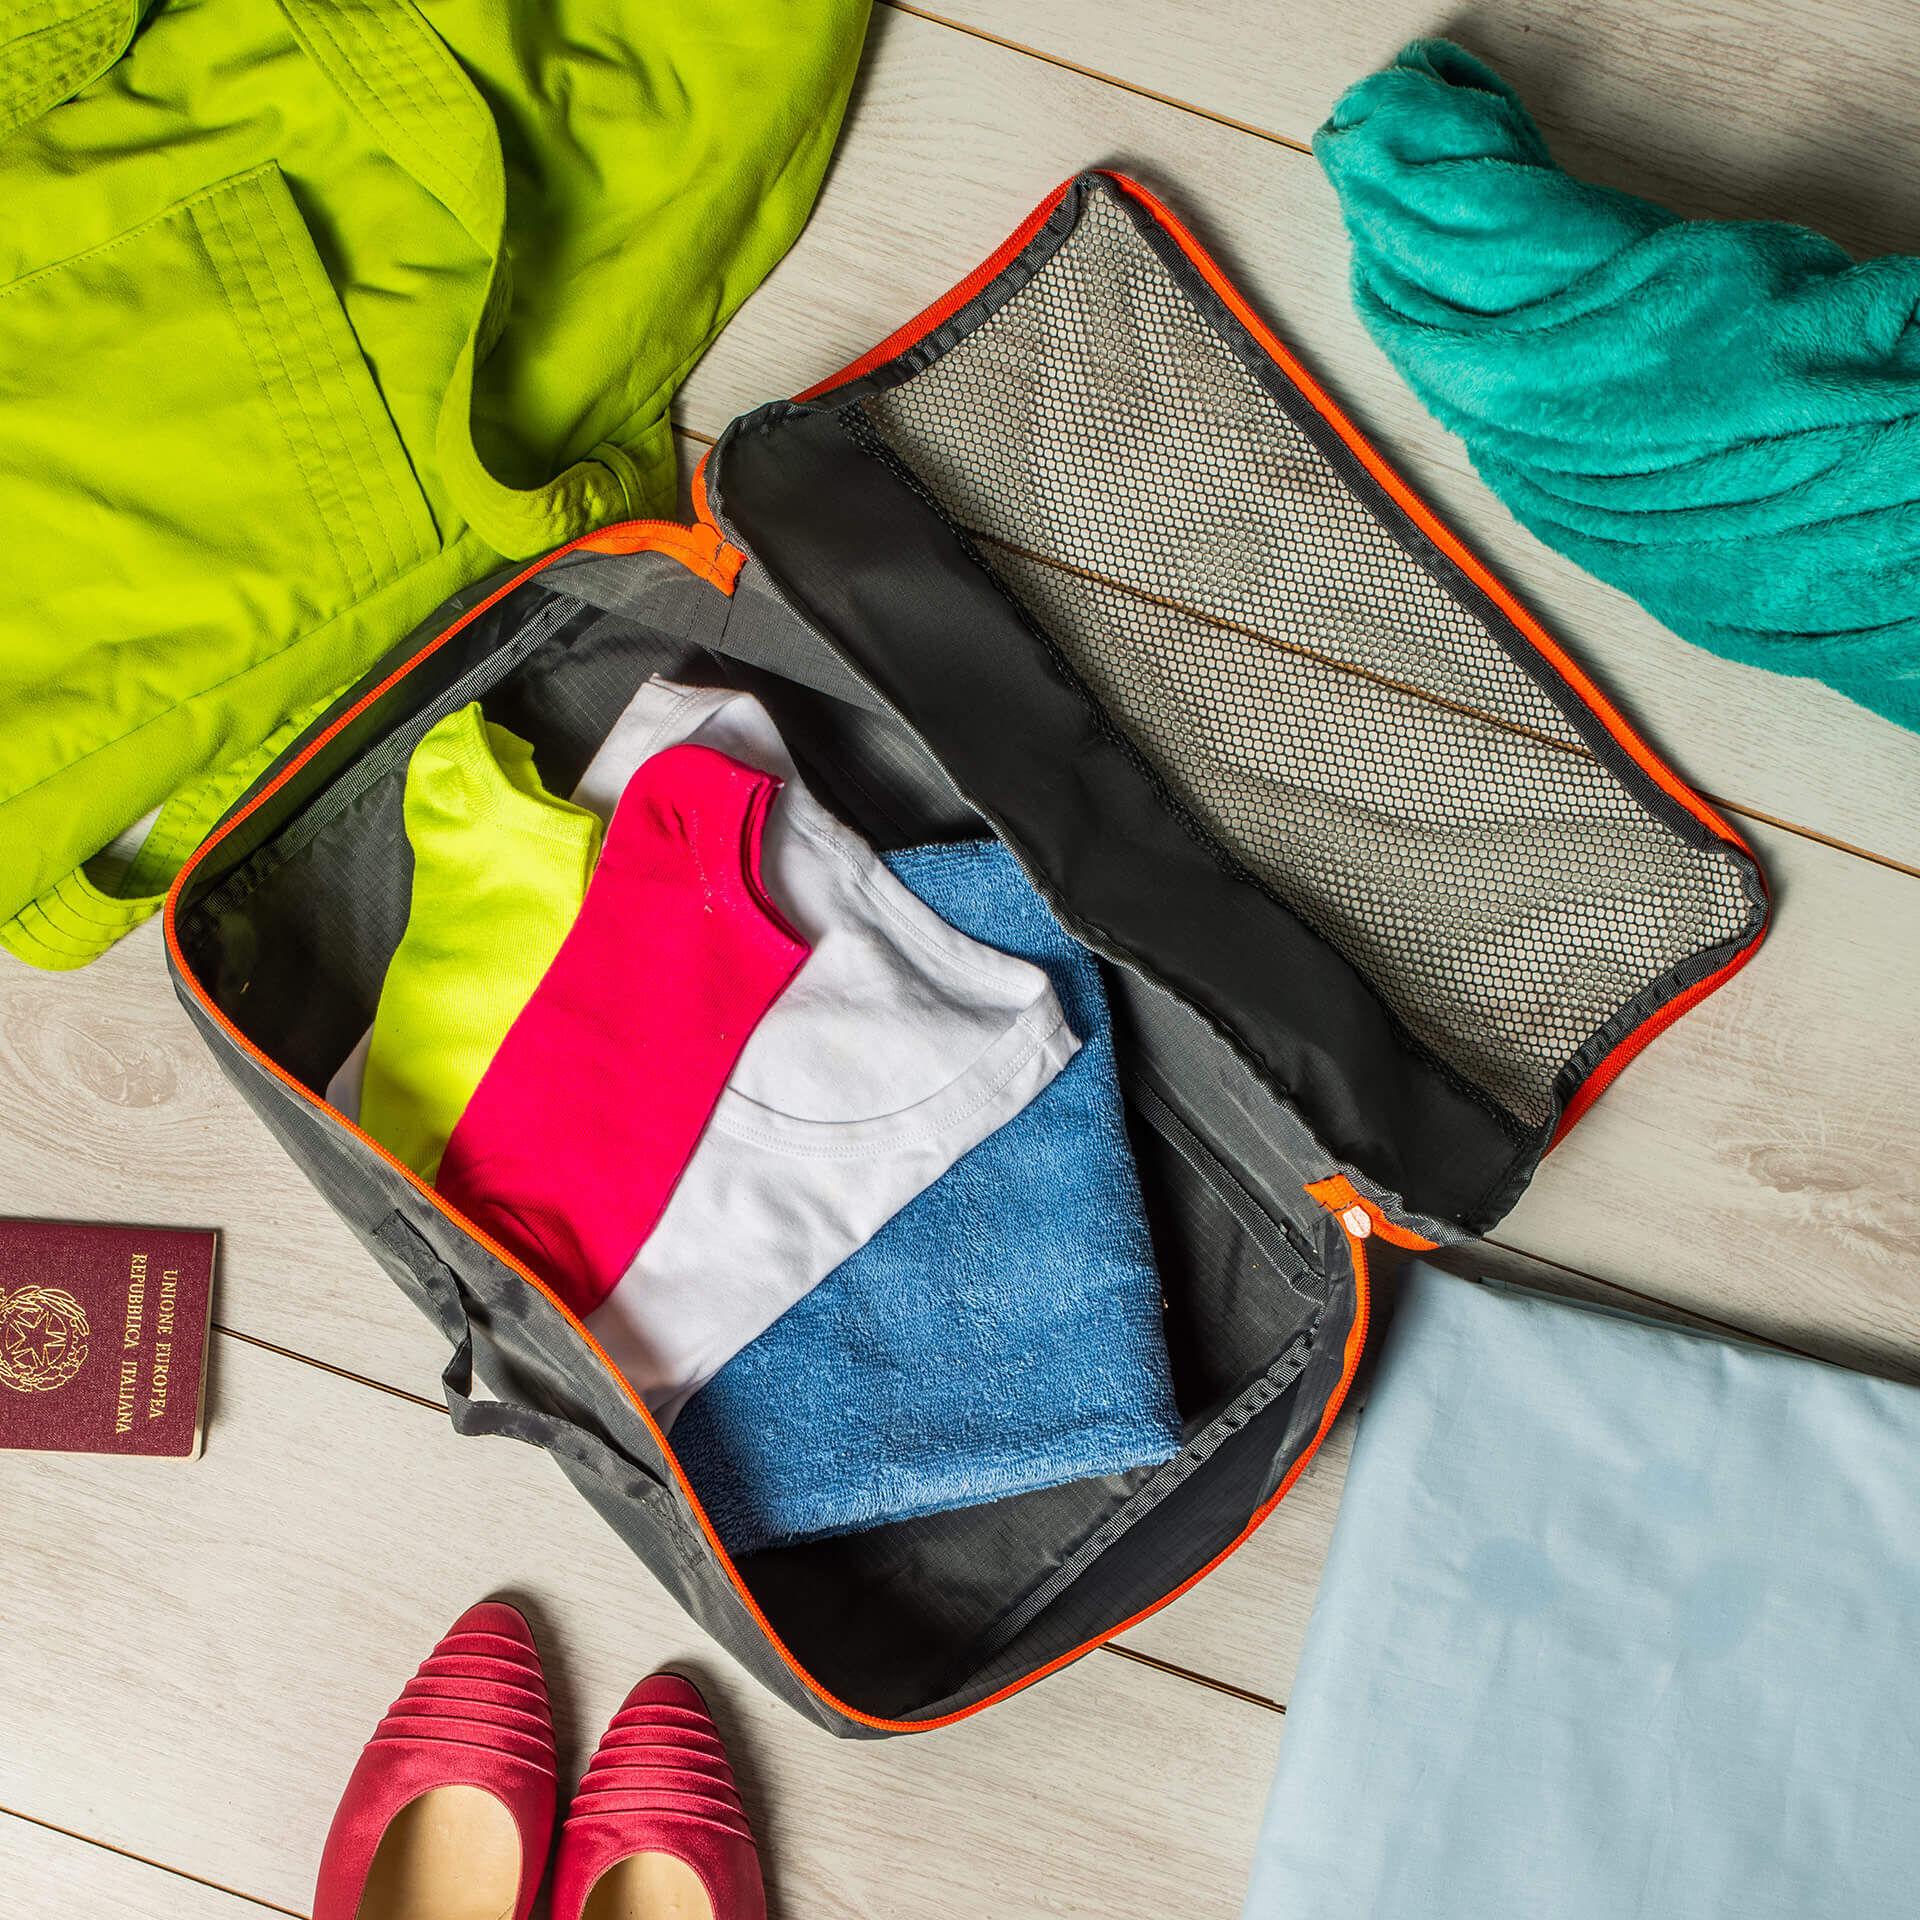 Organisateur multi-fonctions de voyage, , large